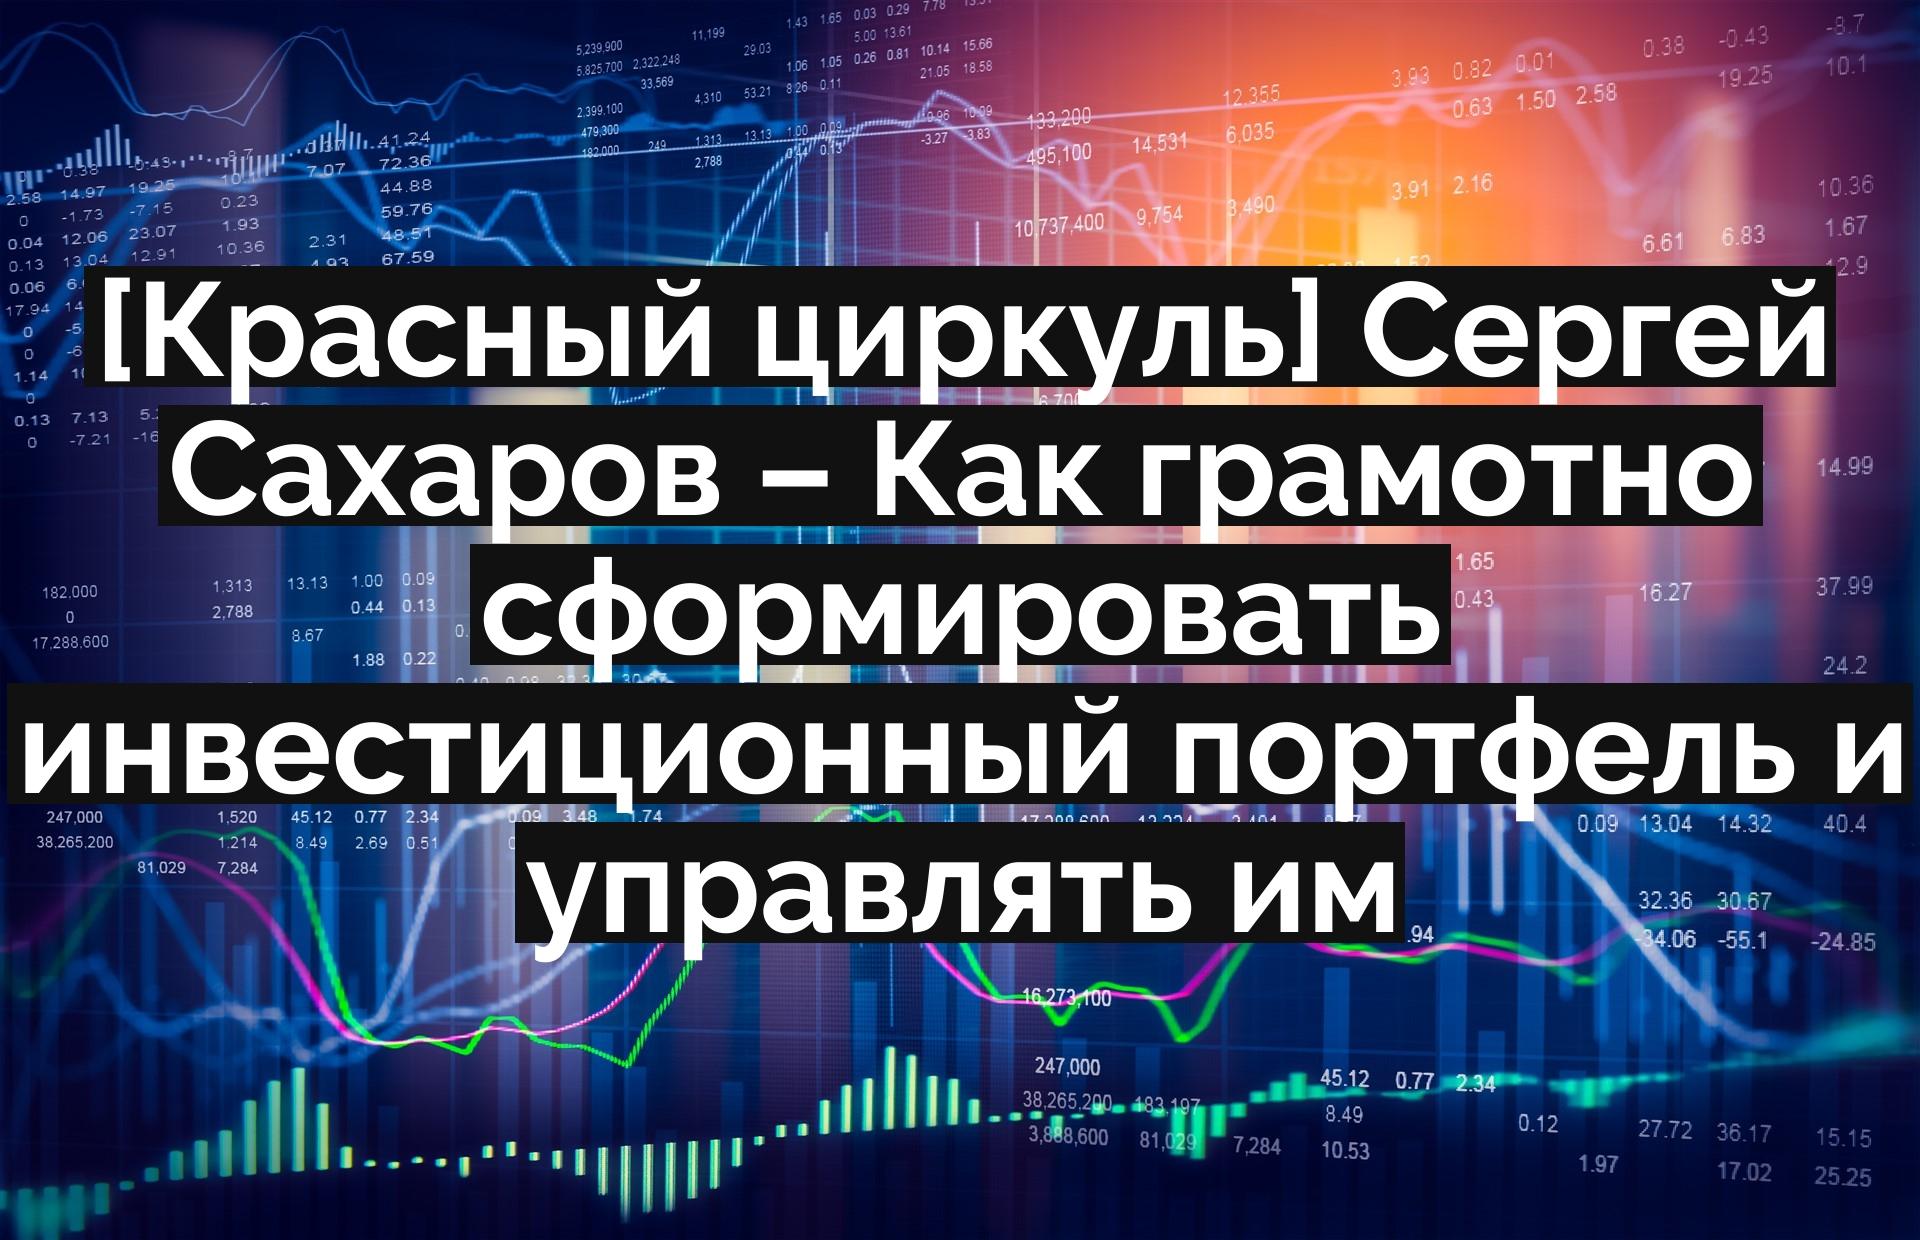 [Красный циркуль] Сергей Сахаров – Как грамотно сформировать инвестиционный портфель и управлять им